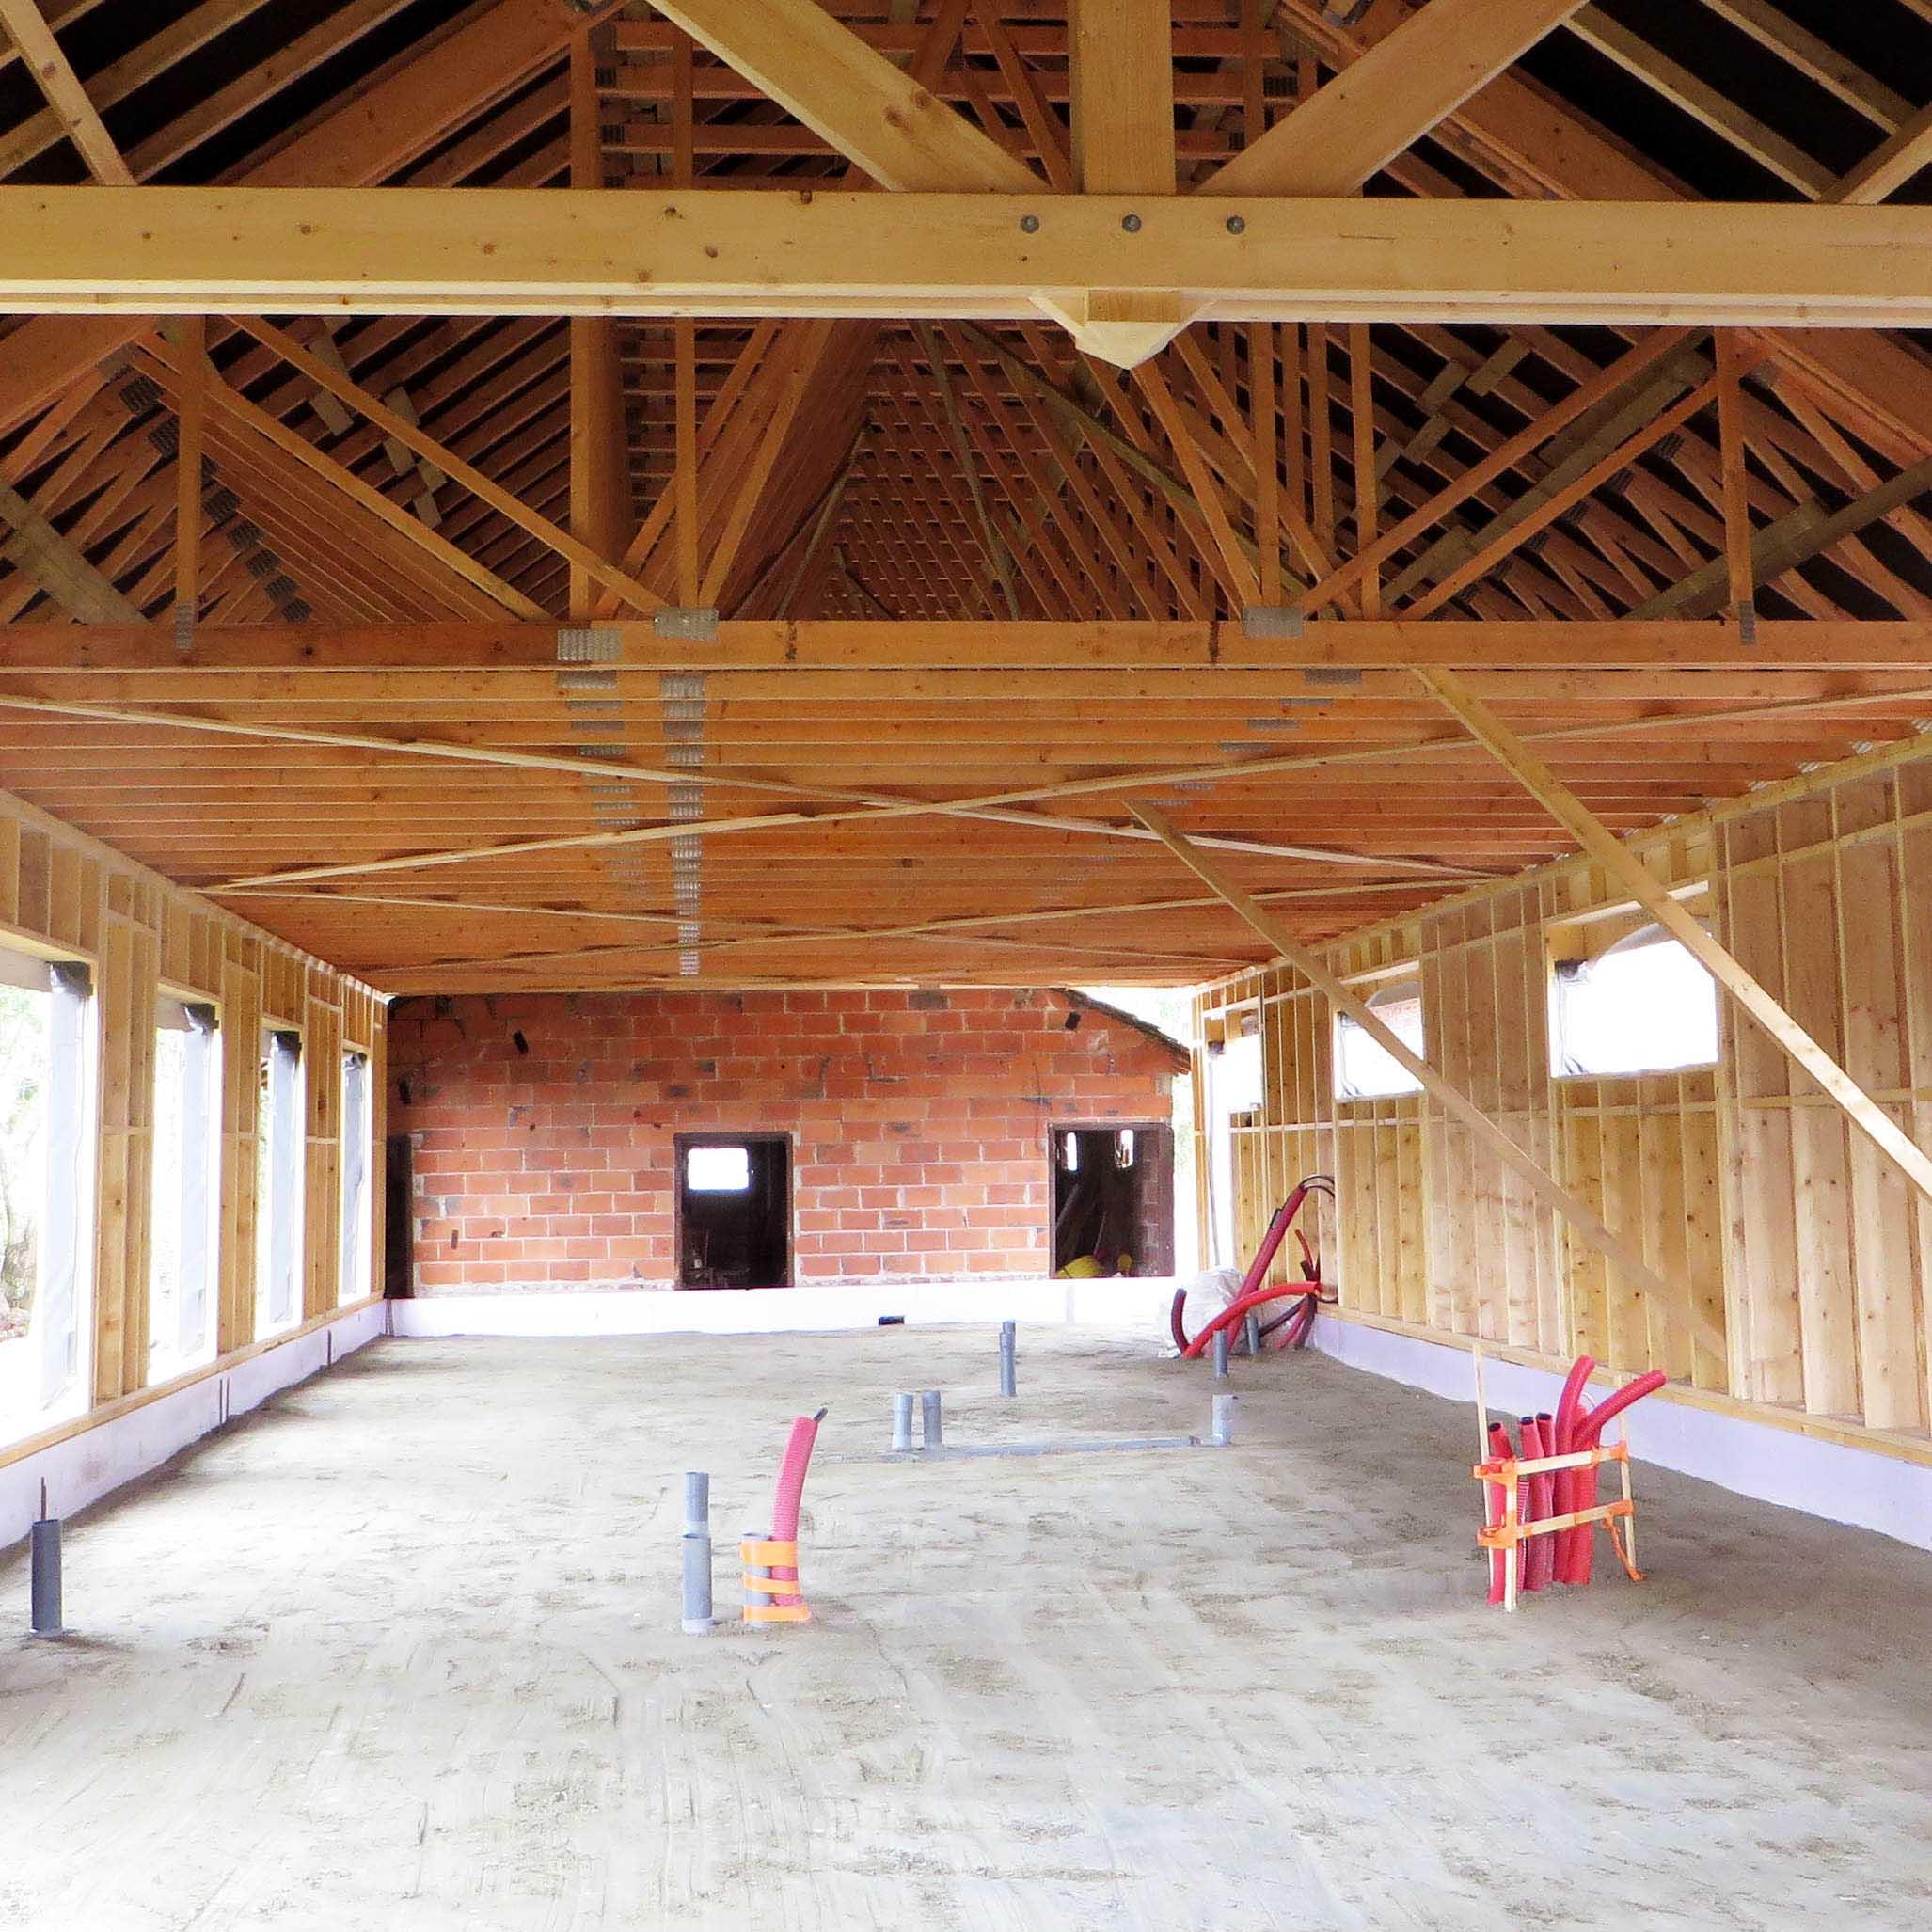 Charpente Industrielle Bailleul Renovation Maison particuliere - Charpentier des Flandres